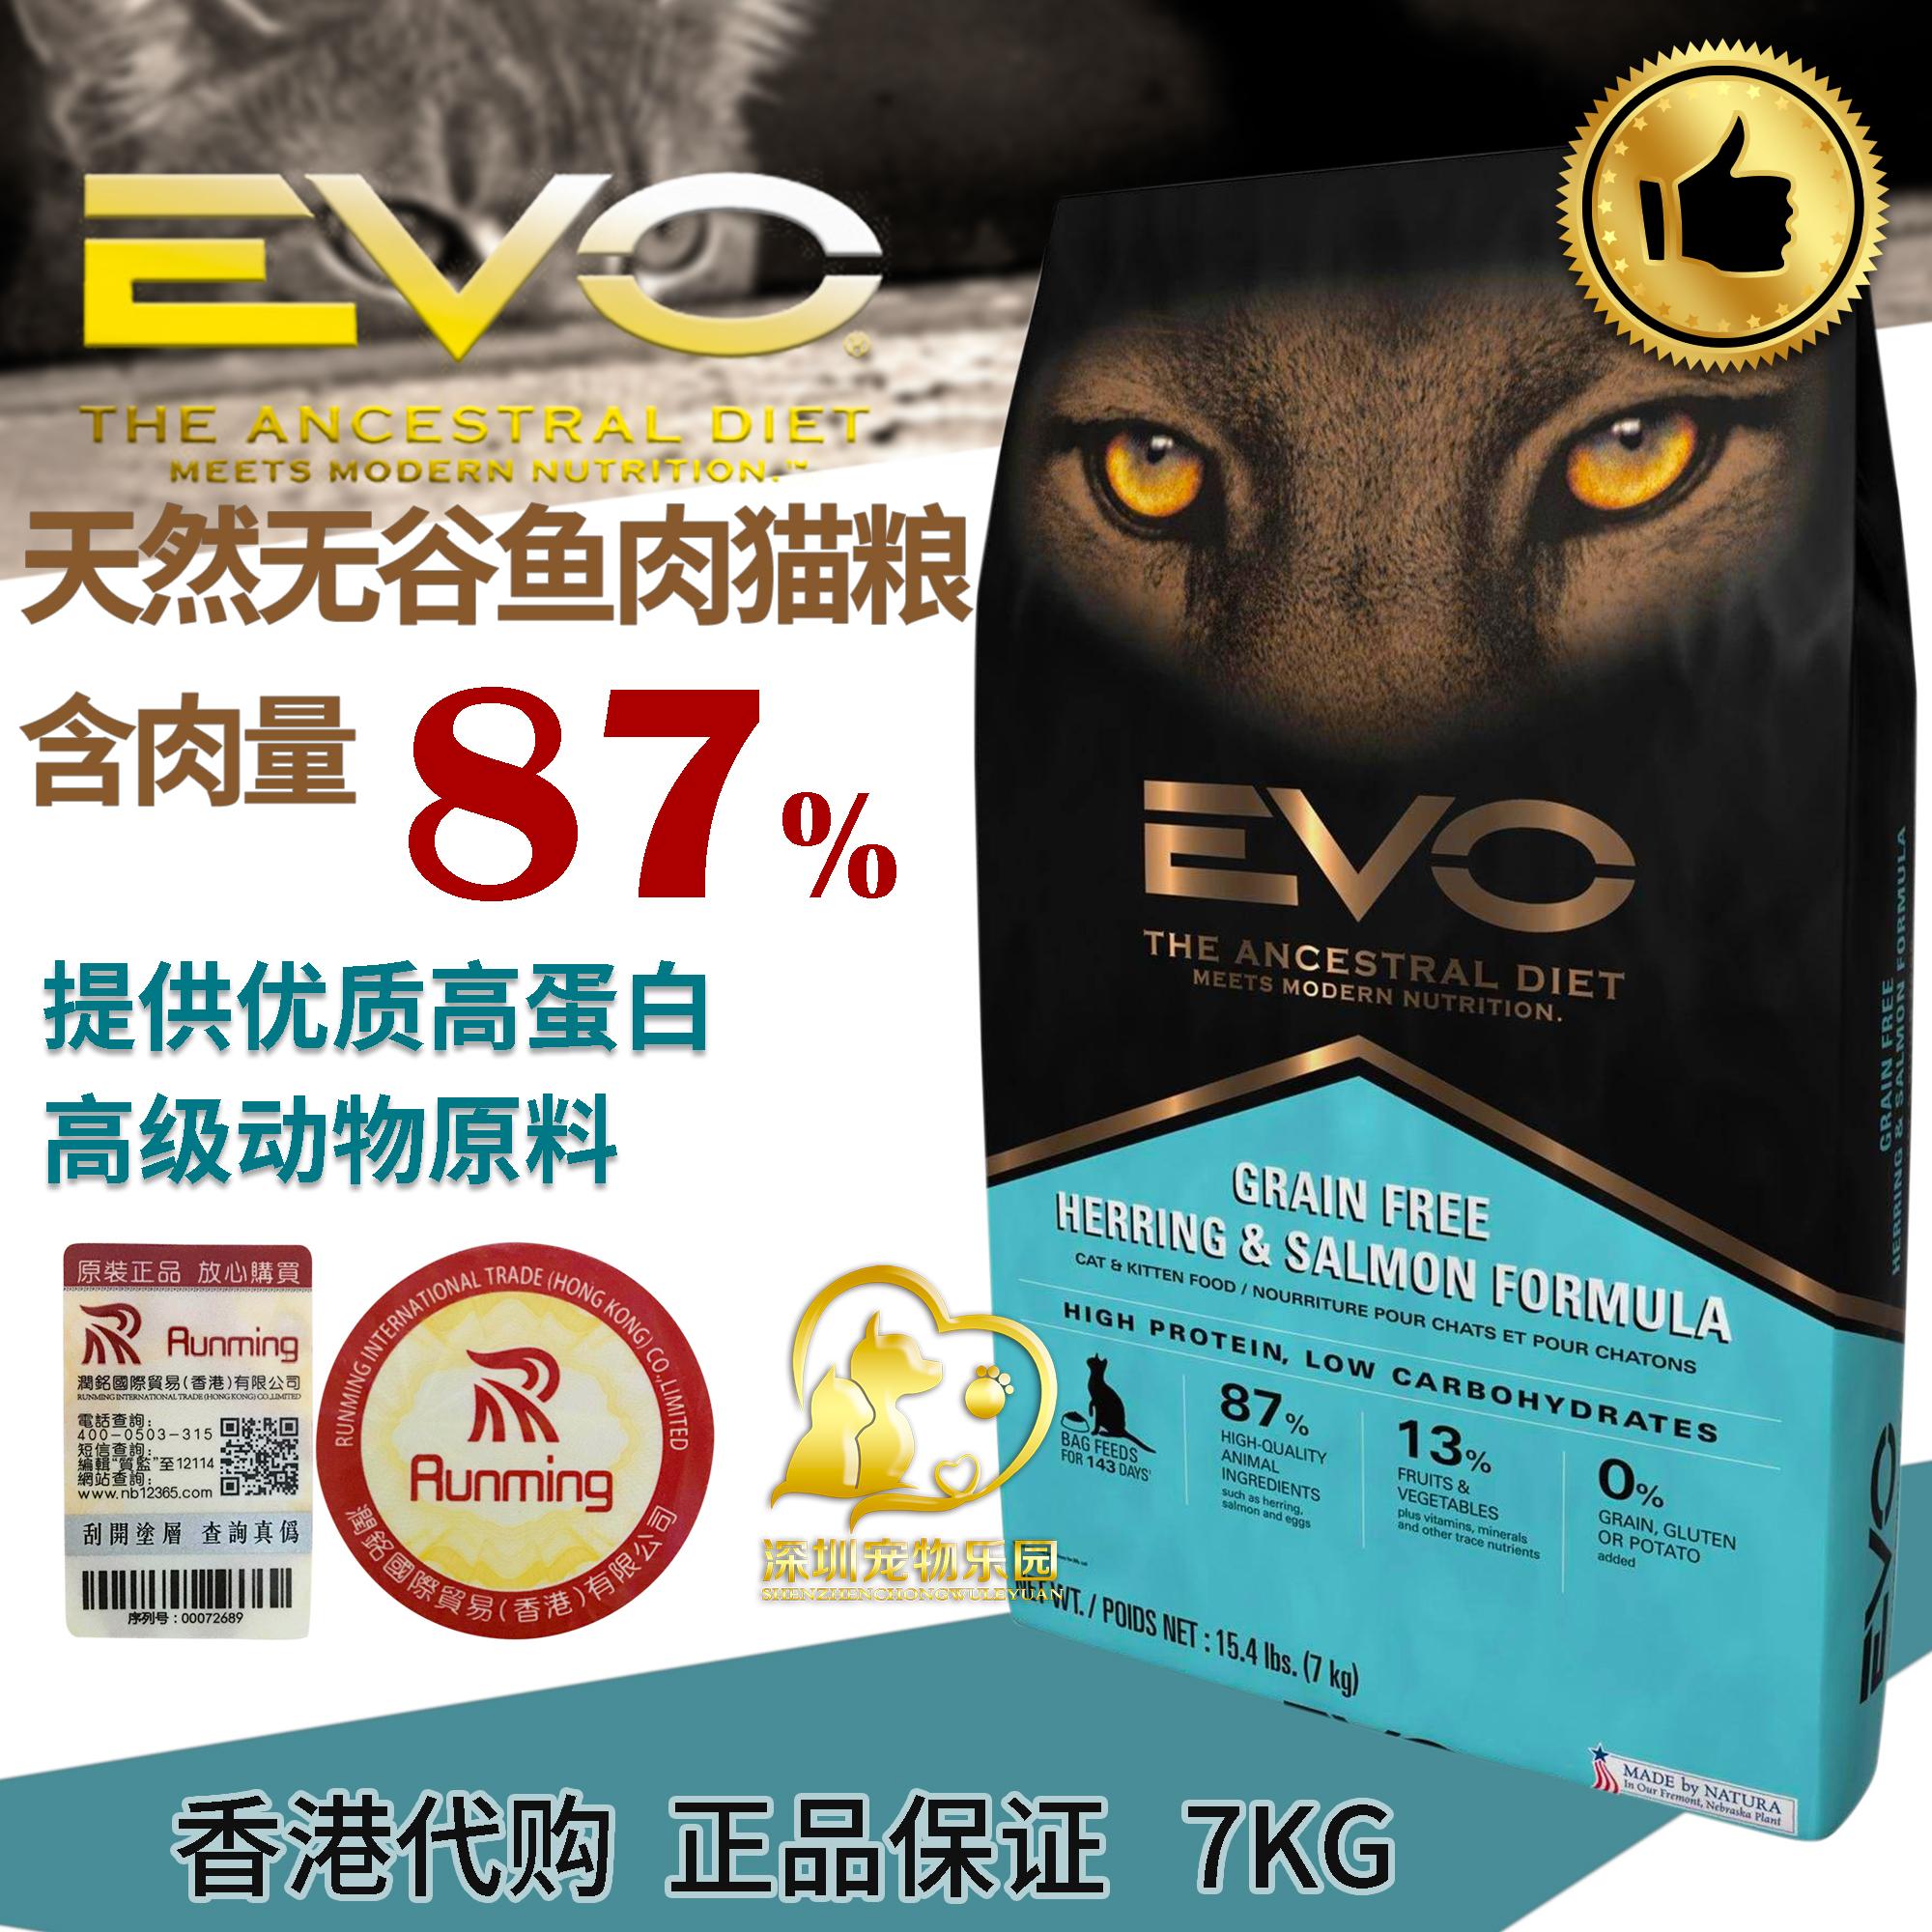 香港行货 美国凌采EVO三文鱼鲱鱼无谷全猫粮幼猫成猫粮7KG 包邮